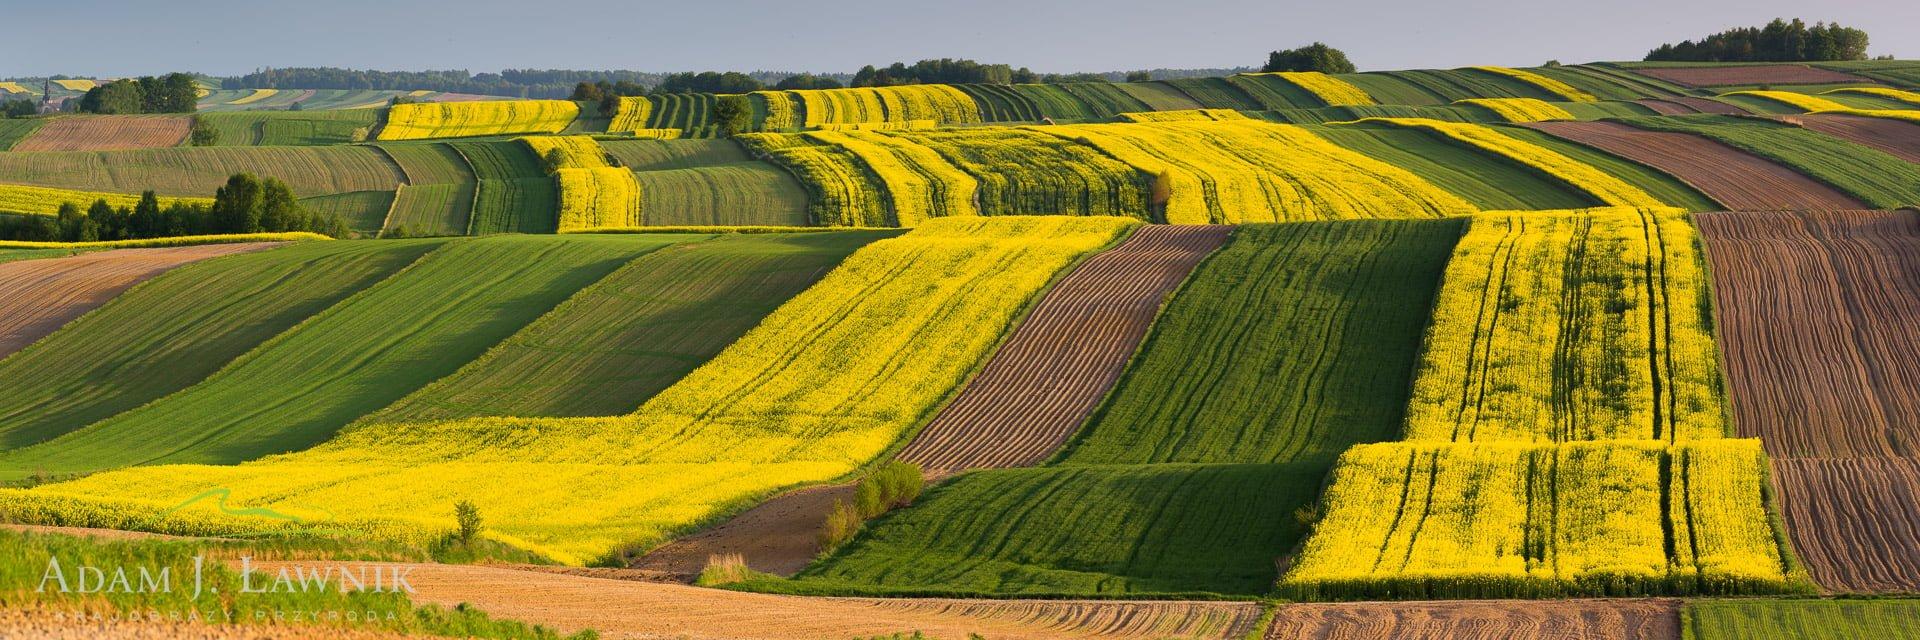 Roztocze, Poland 1505-00089C